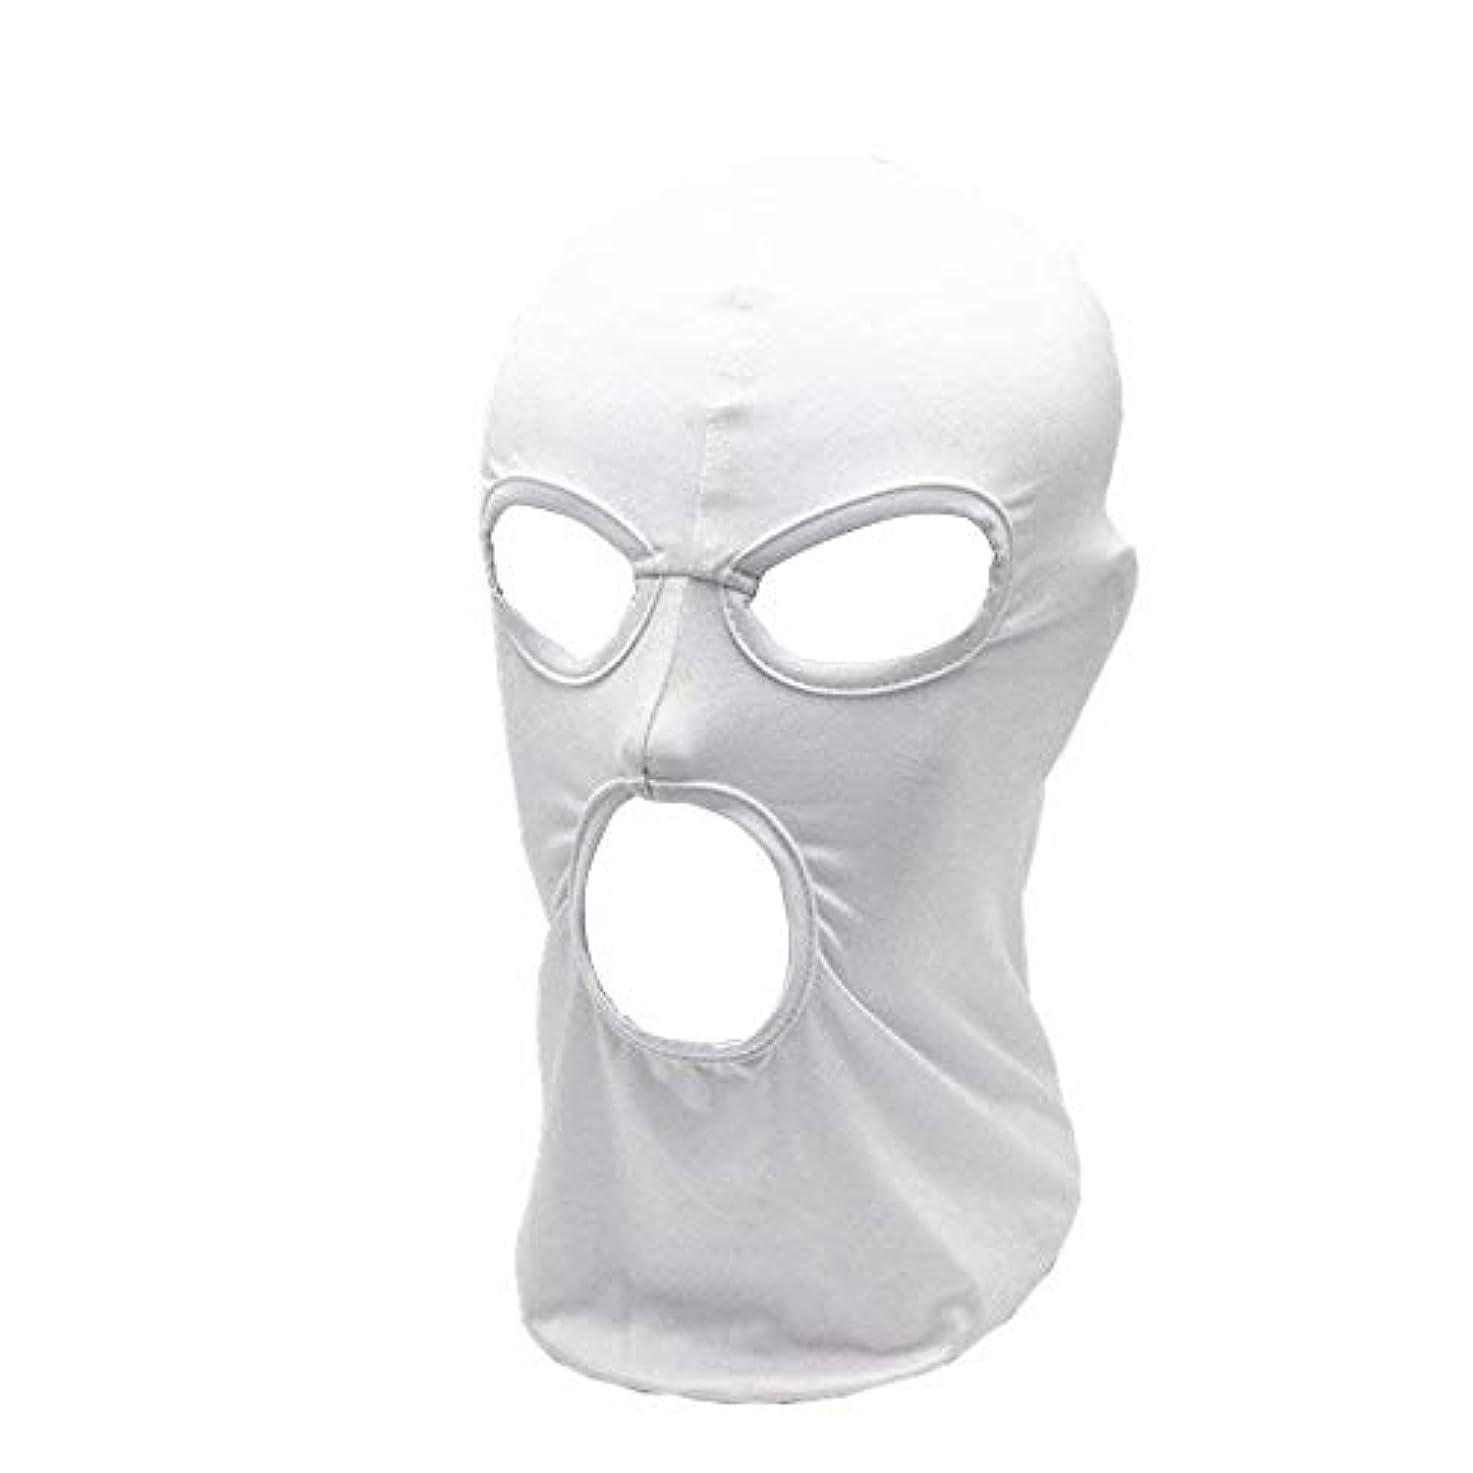 何かご予約地下フェイスマスク 軽量 防風 日焼け止め 目出し帽 ヘルメット インナー ストレッチ 3ホール フルフェイス,ホワイト